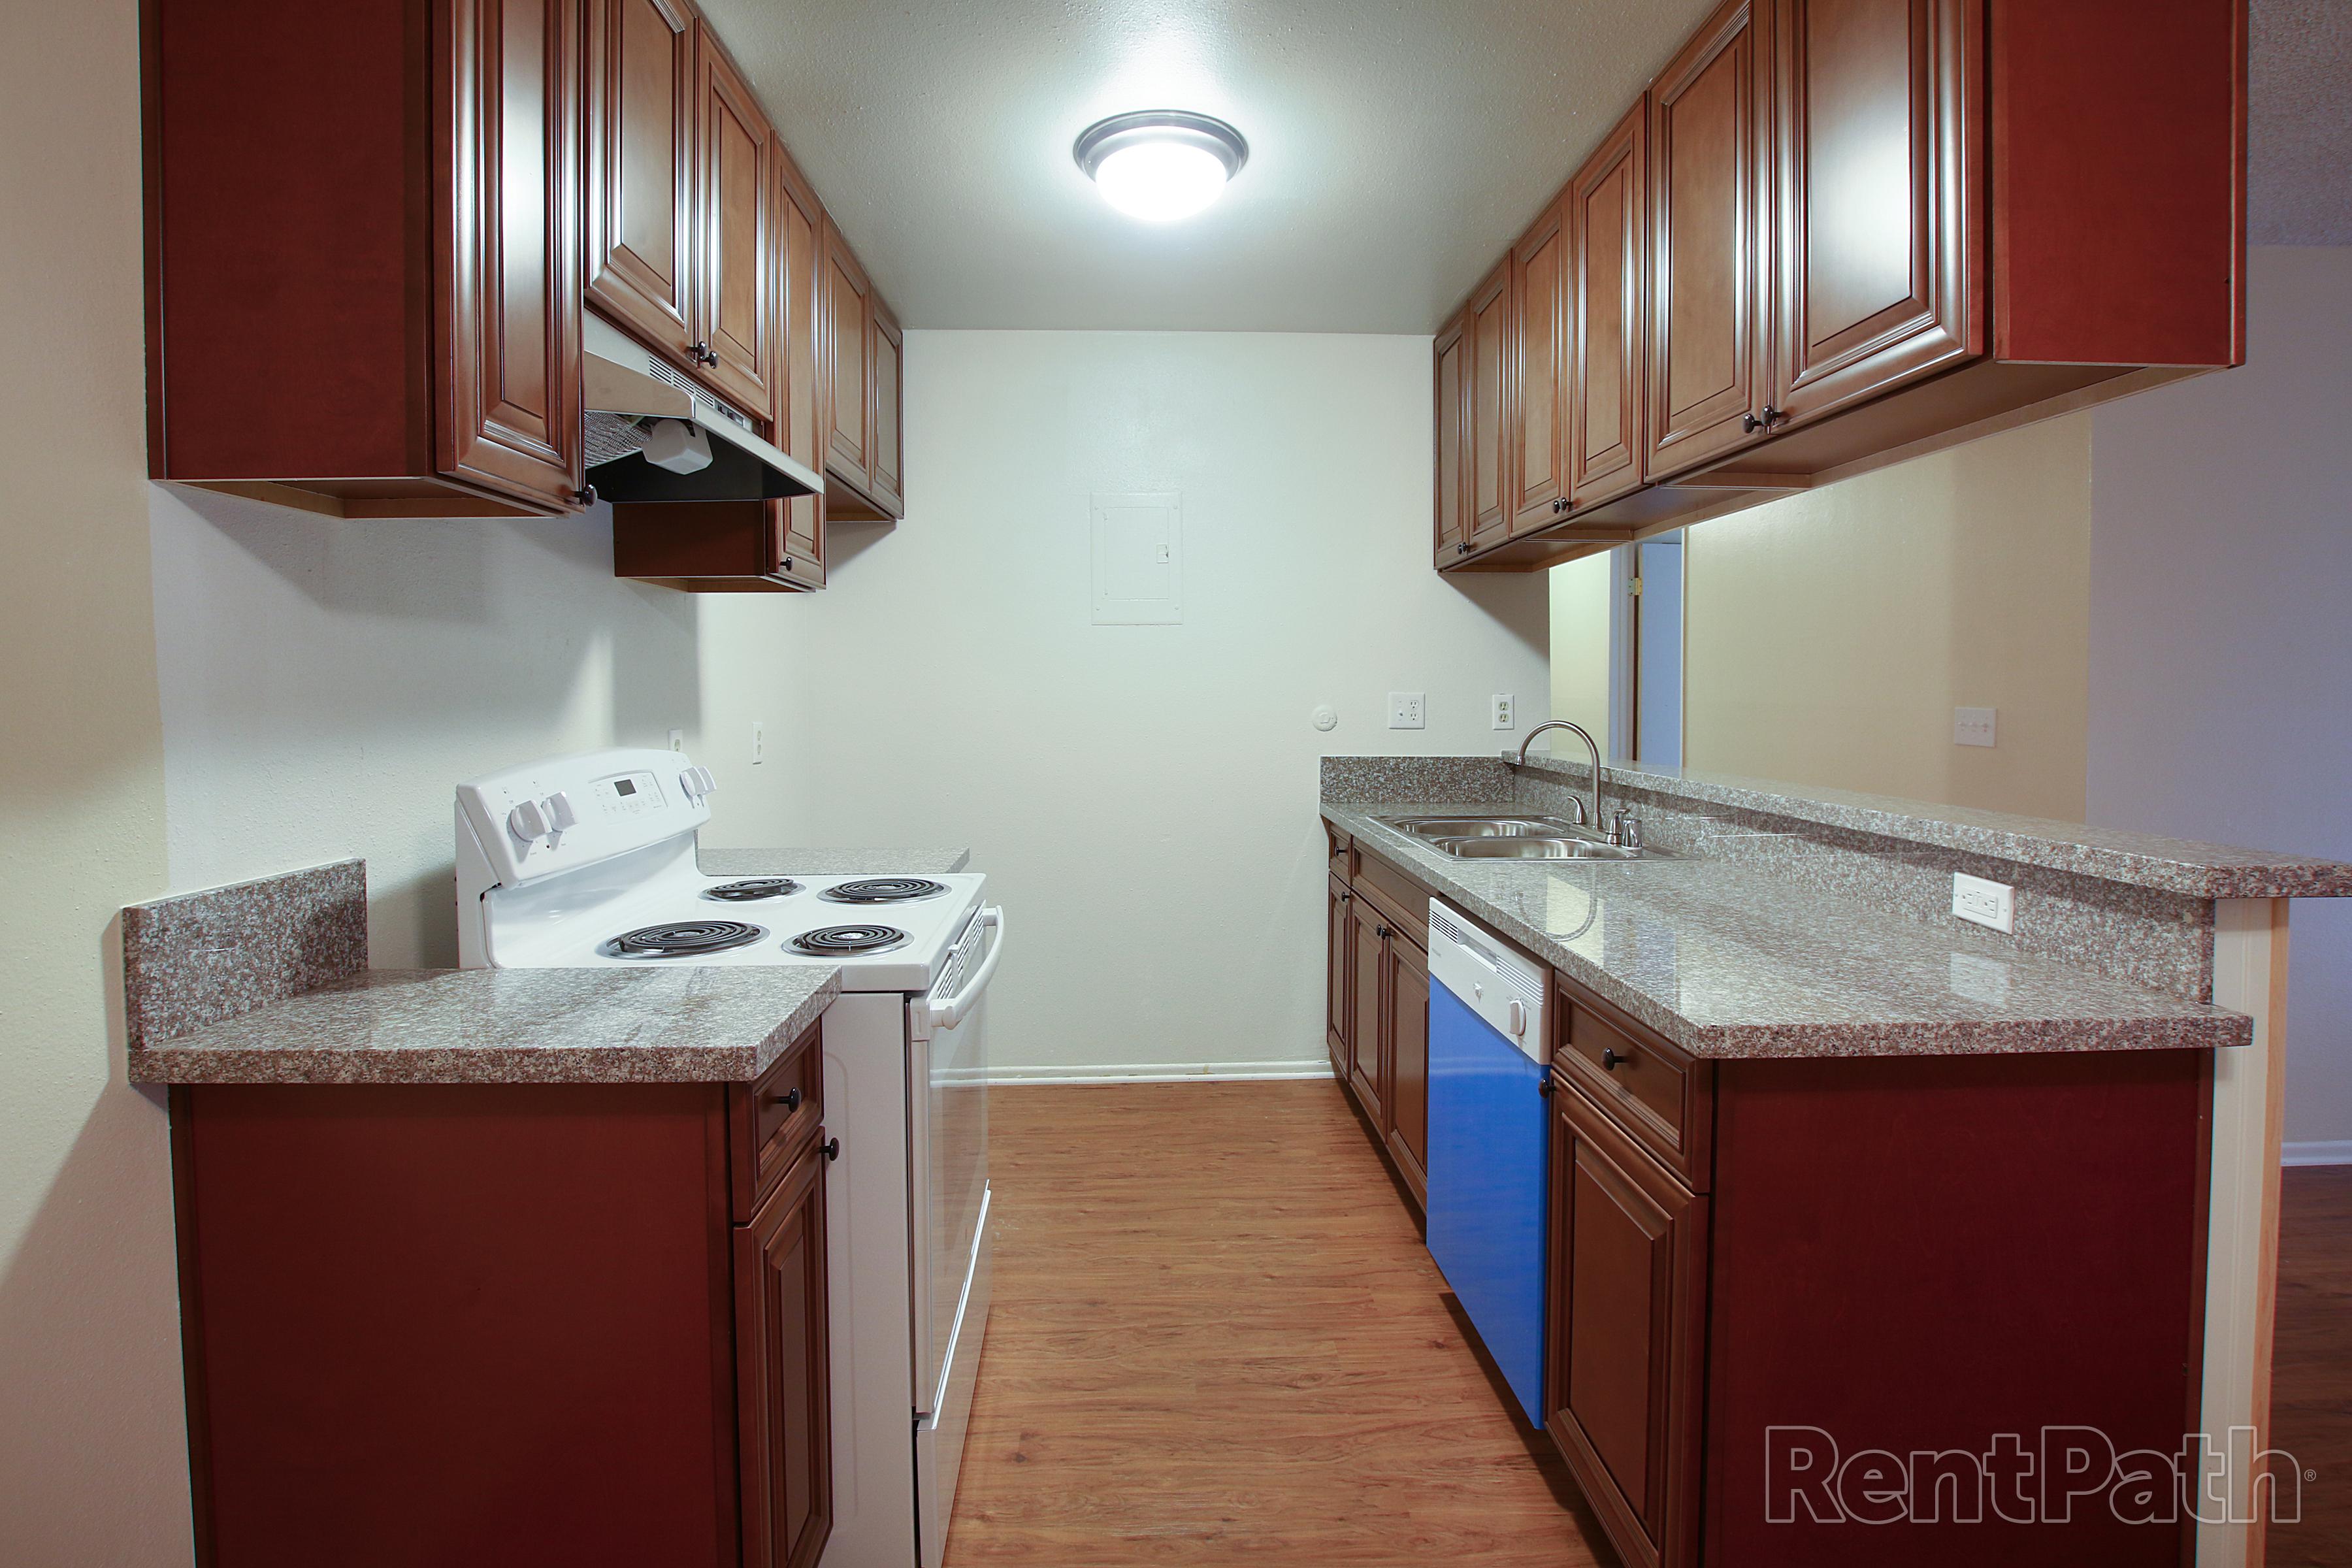 Biltmore Apartments Image #18